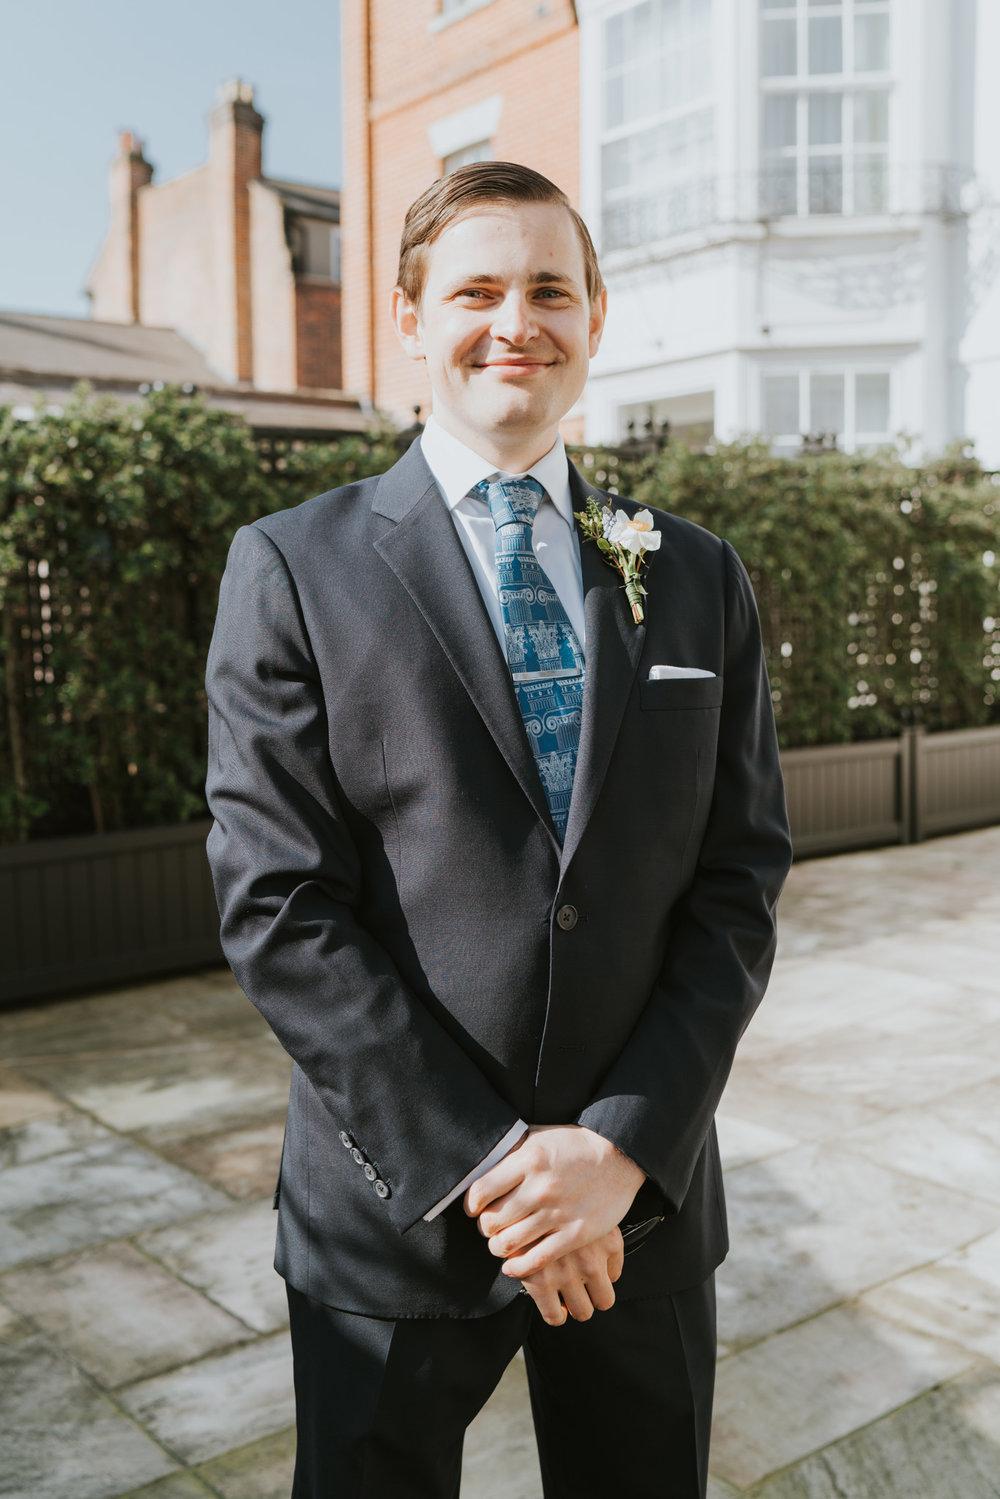 Will-Rhiannon-Art-Deco-Alterative-Essex-Wedding-Suffolk-Grace-Elizabeth-17.jpg